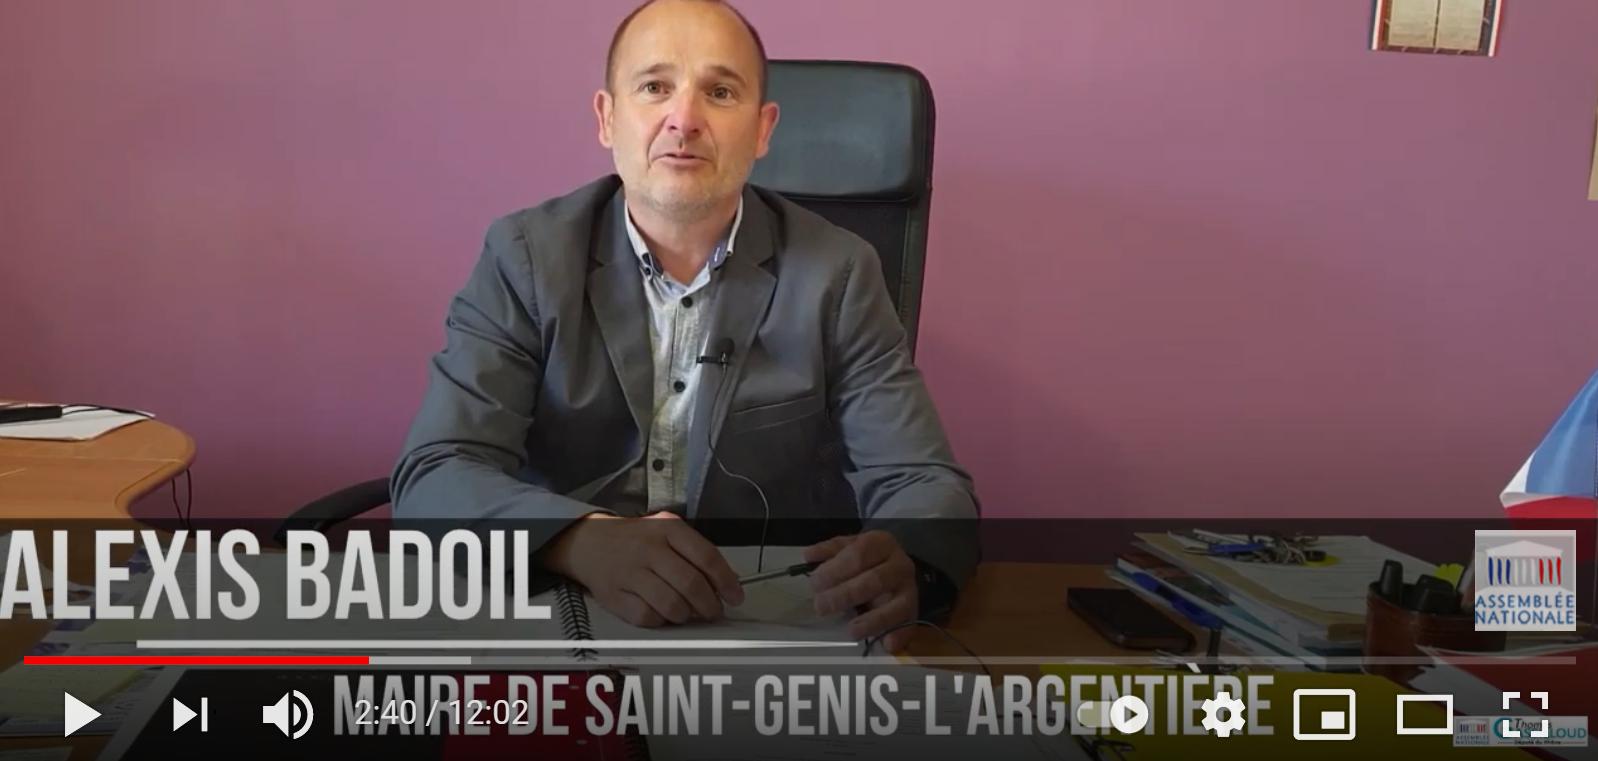 Connaissez-vous Saint-Genis-l'Argentière ?